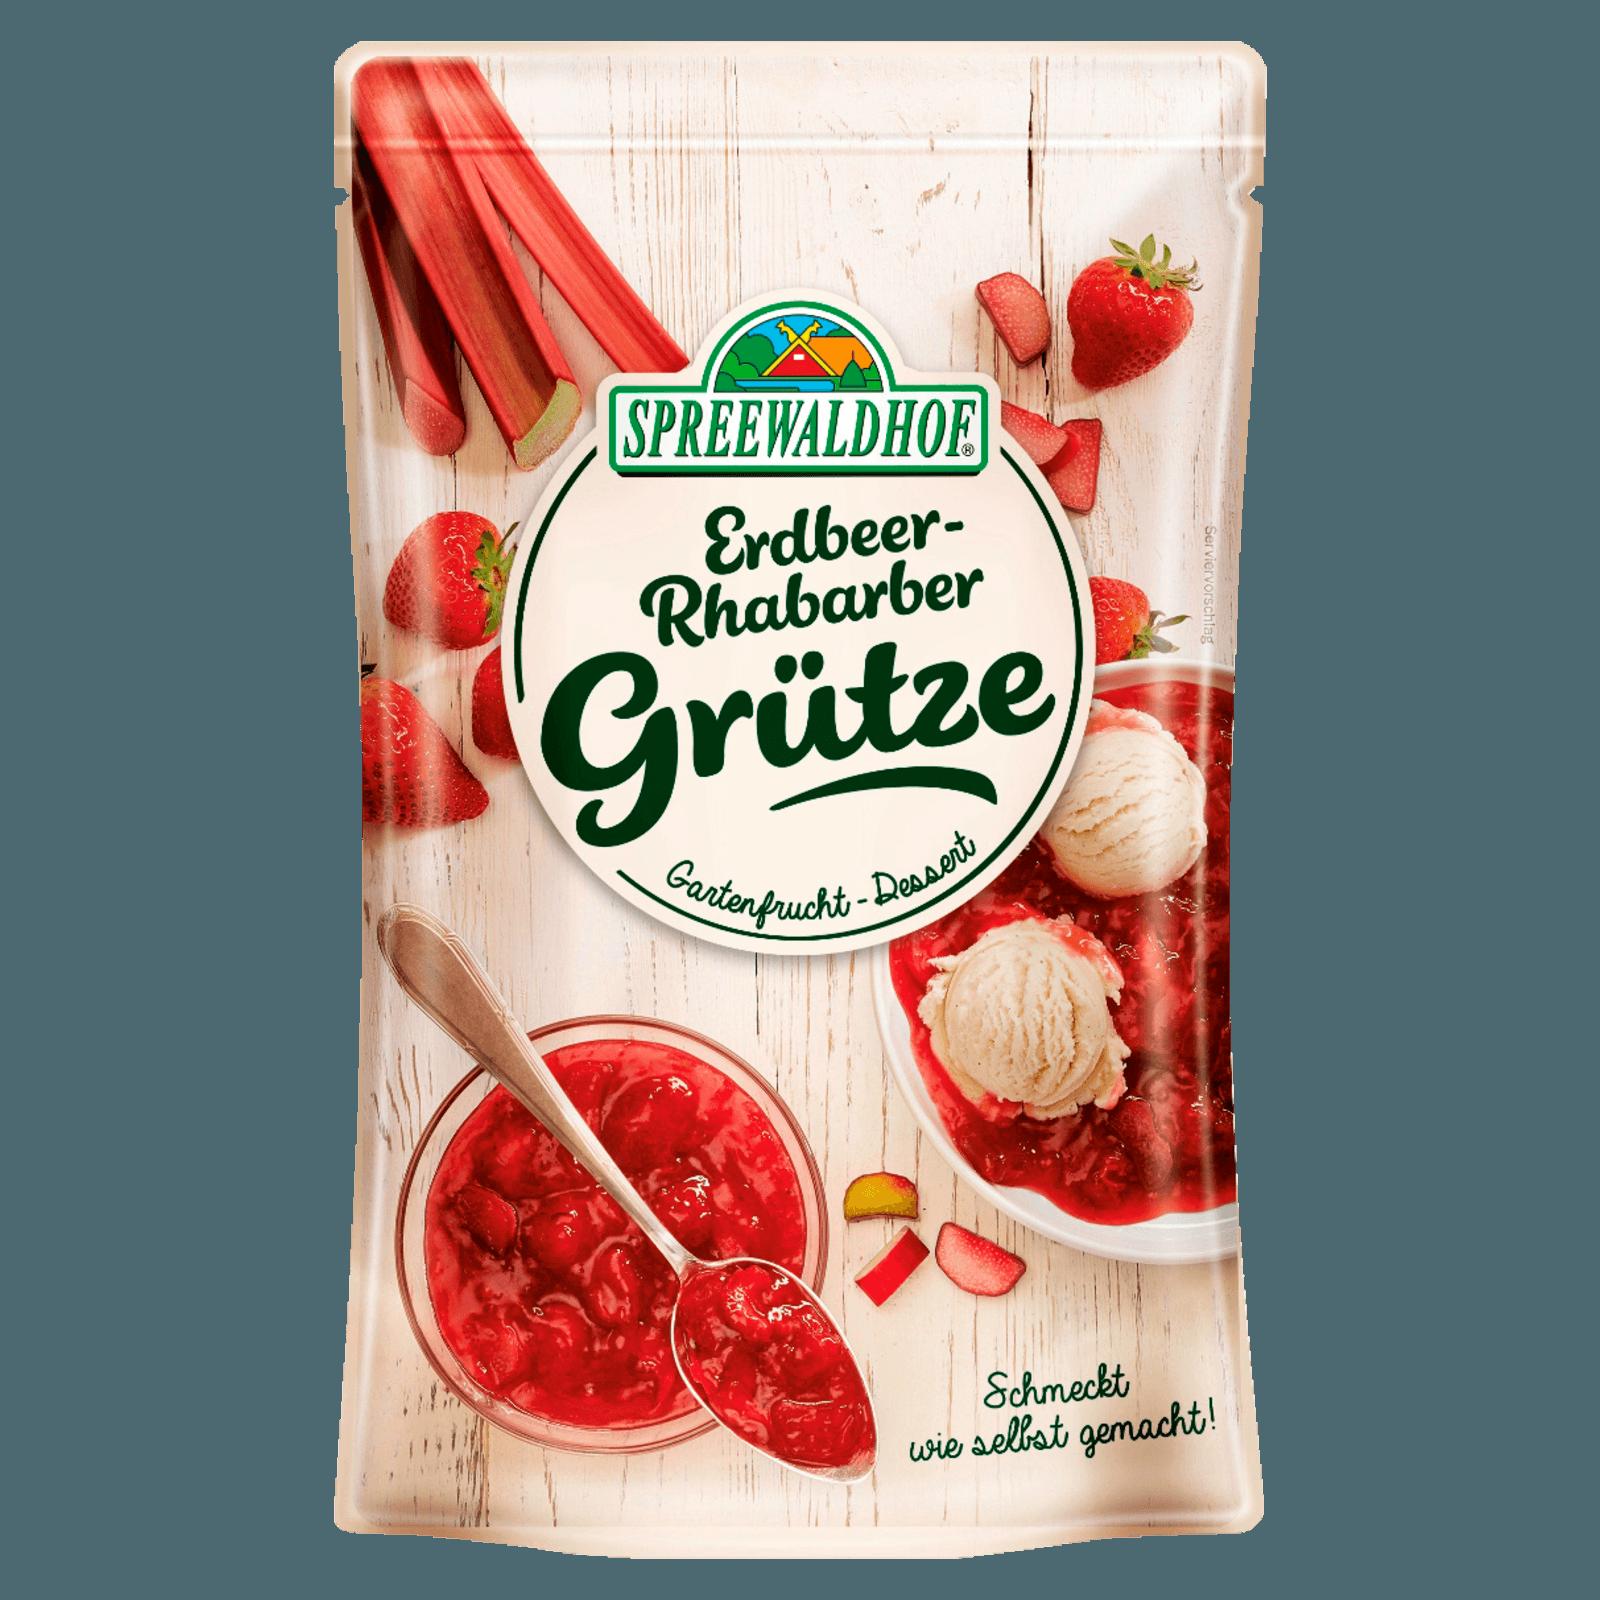 Spreewaldhof Rote Grütze Gartenfrucht 350g